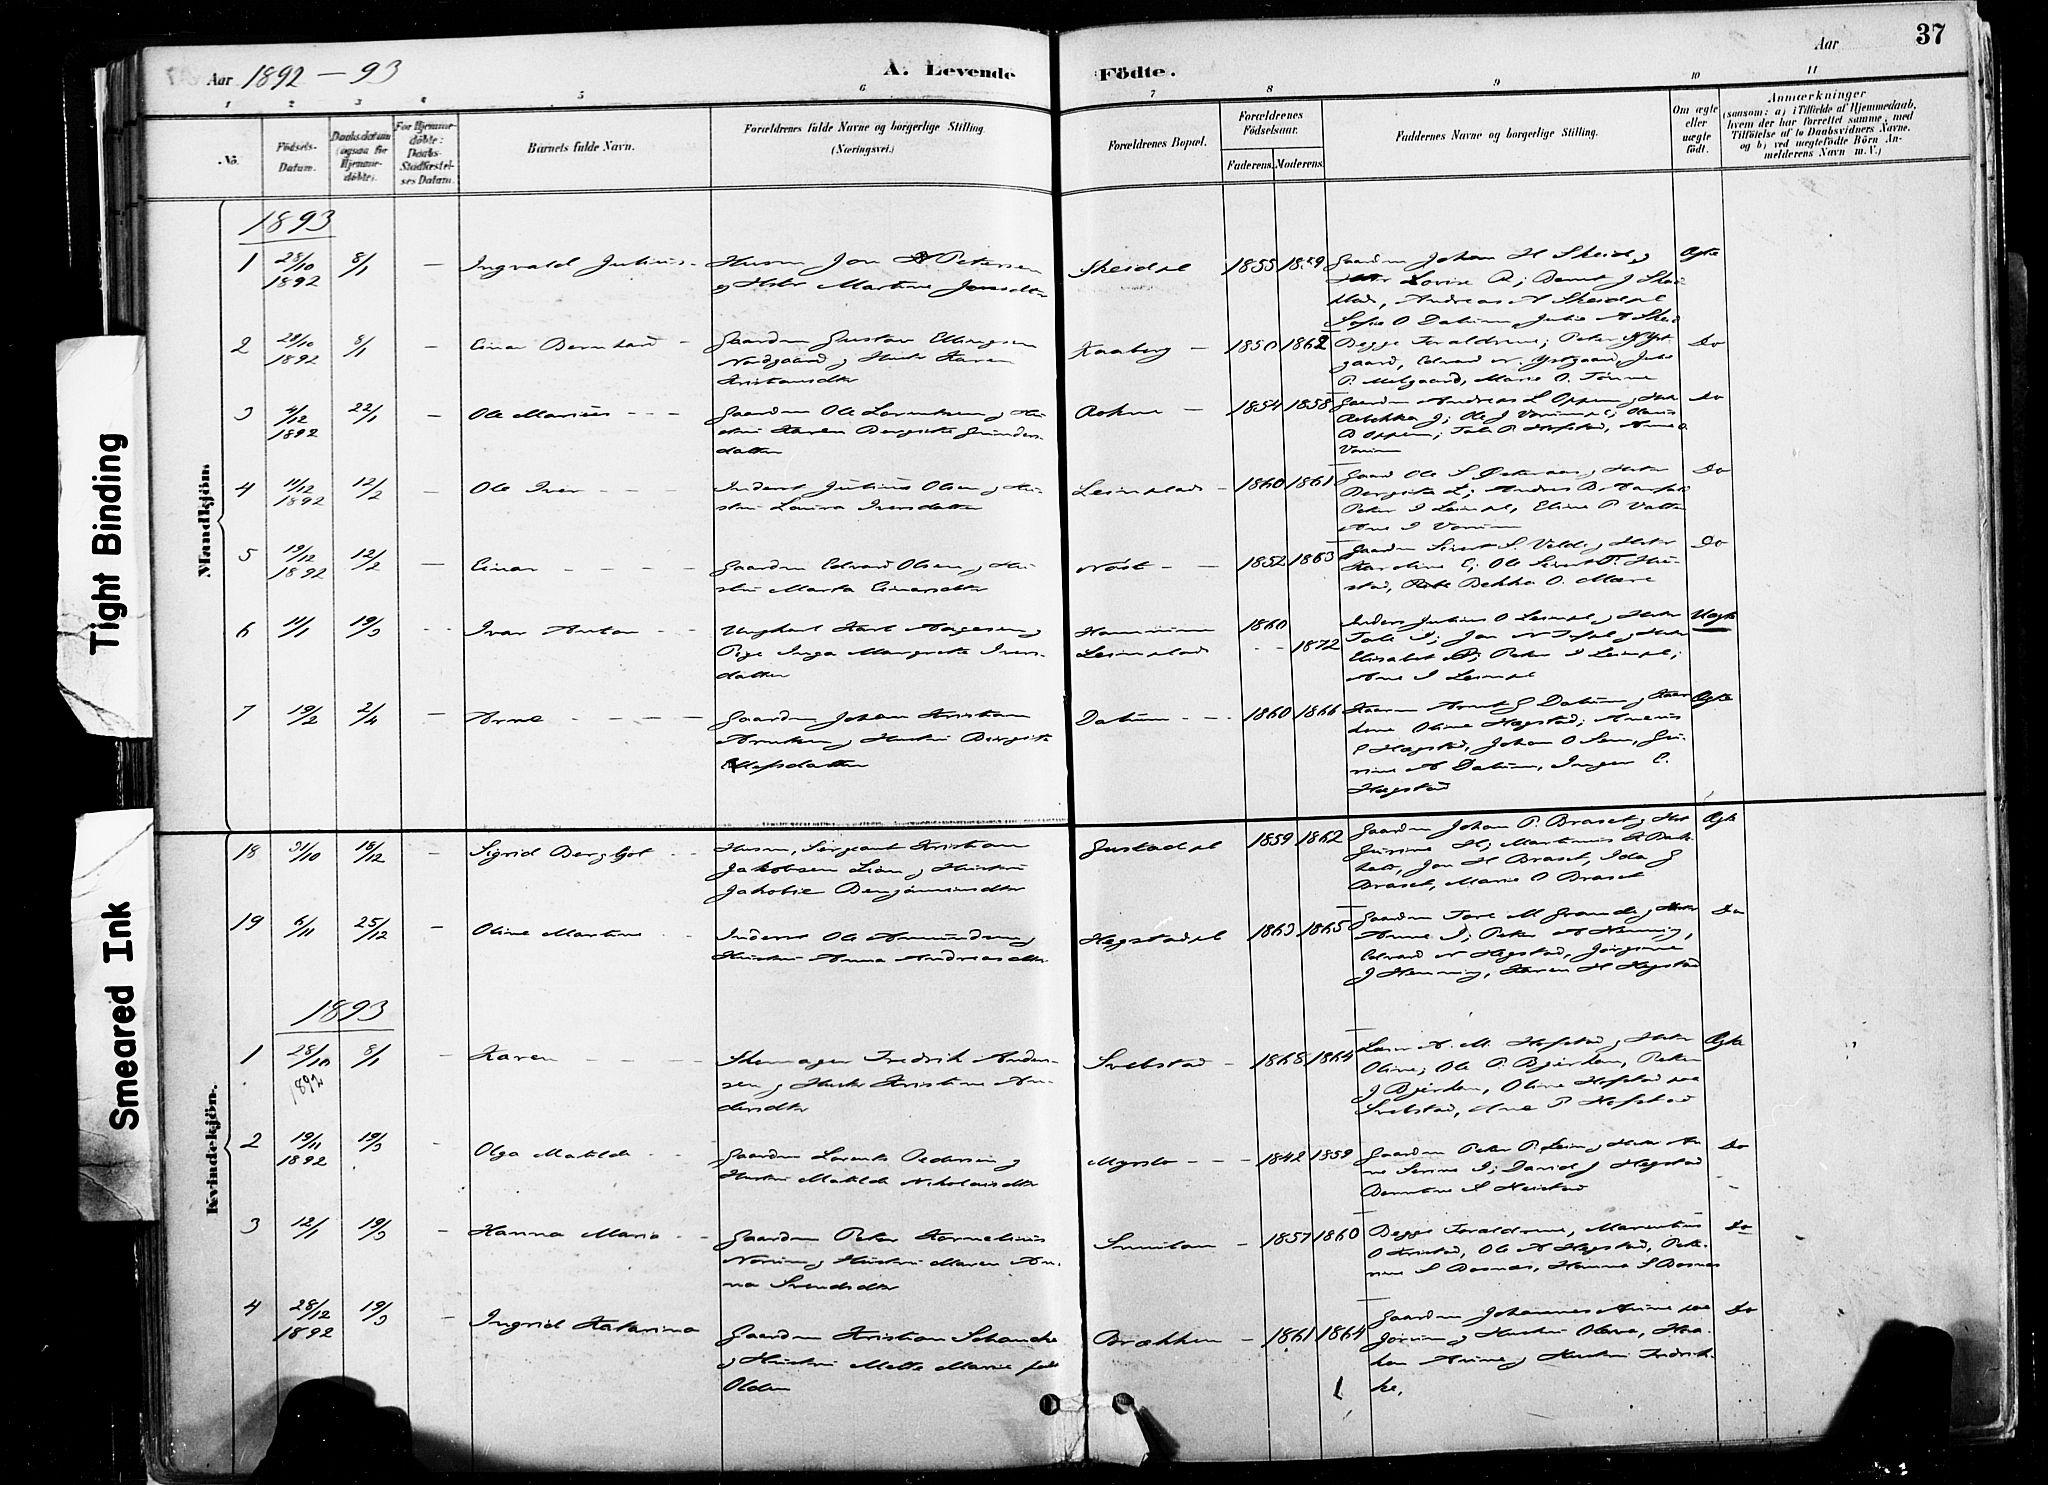 SAT, Ministerialprotokoller, klokkerbøker og fødselsregistre - Nord-Trøndelag, 735/L0351: Ministerialbok nr. 735A10, 1884-1908, s. 37